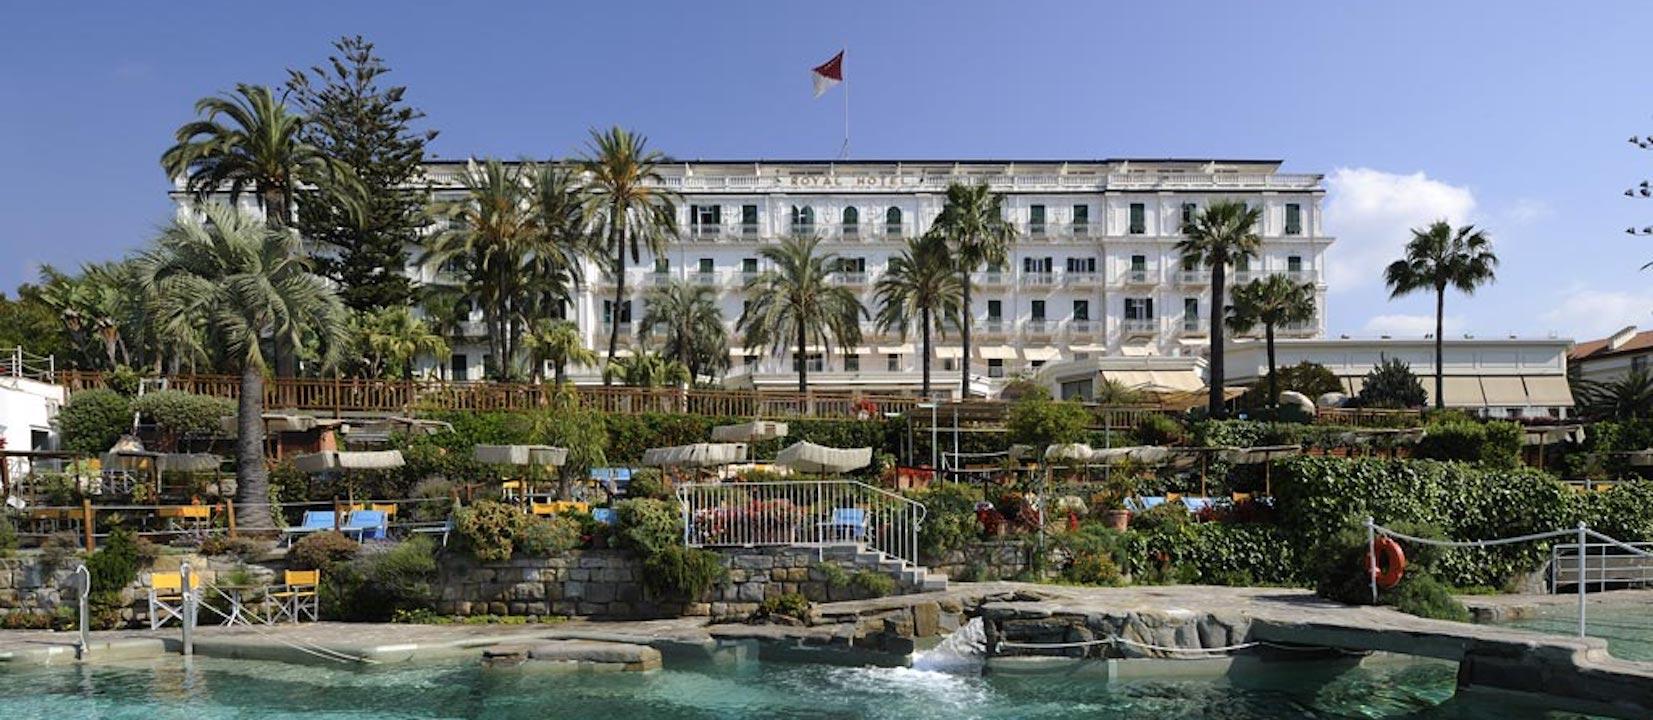 Royal Hotel , Sanremo / North Italy